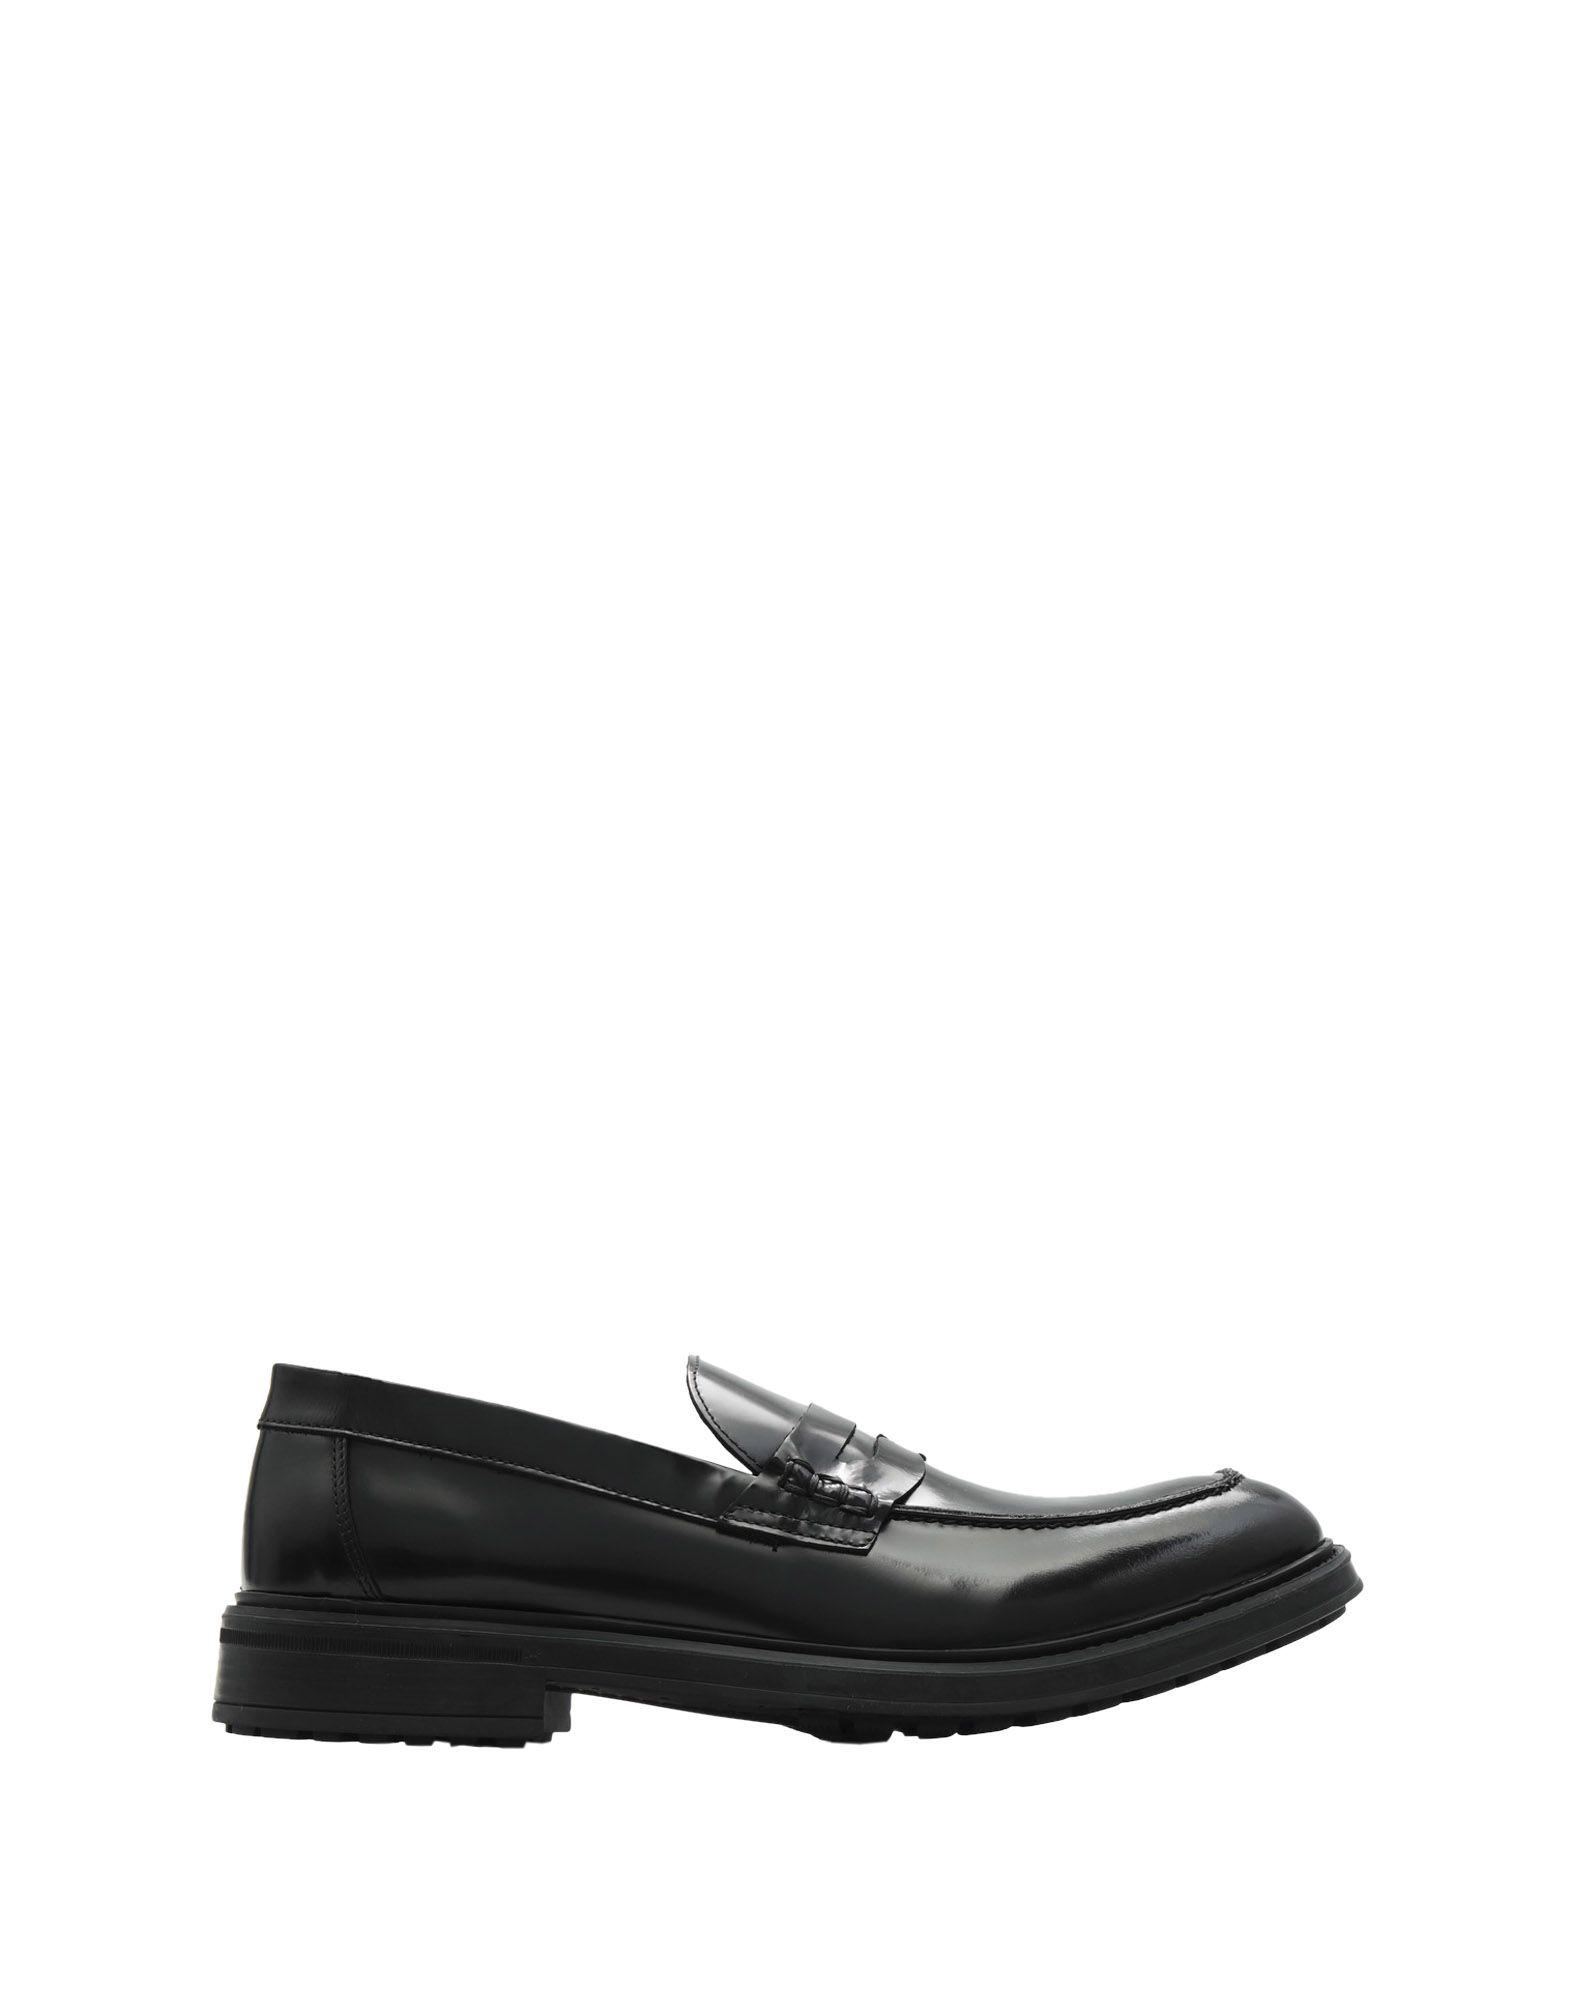 Eveet Mokassins Herren  11524642EI Gute Qualität beliebte Schuhe